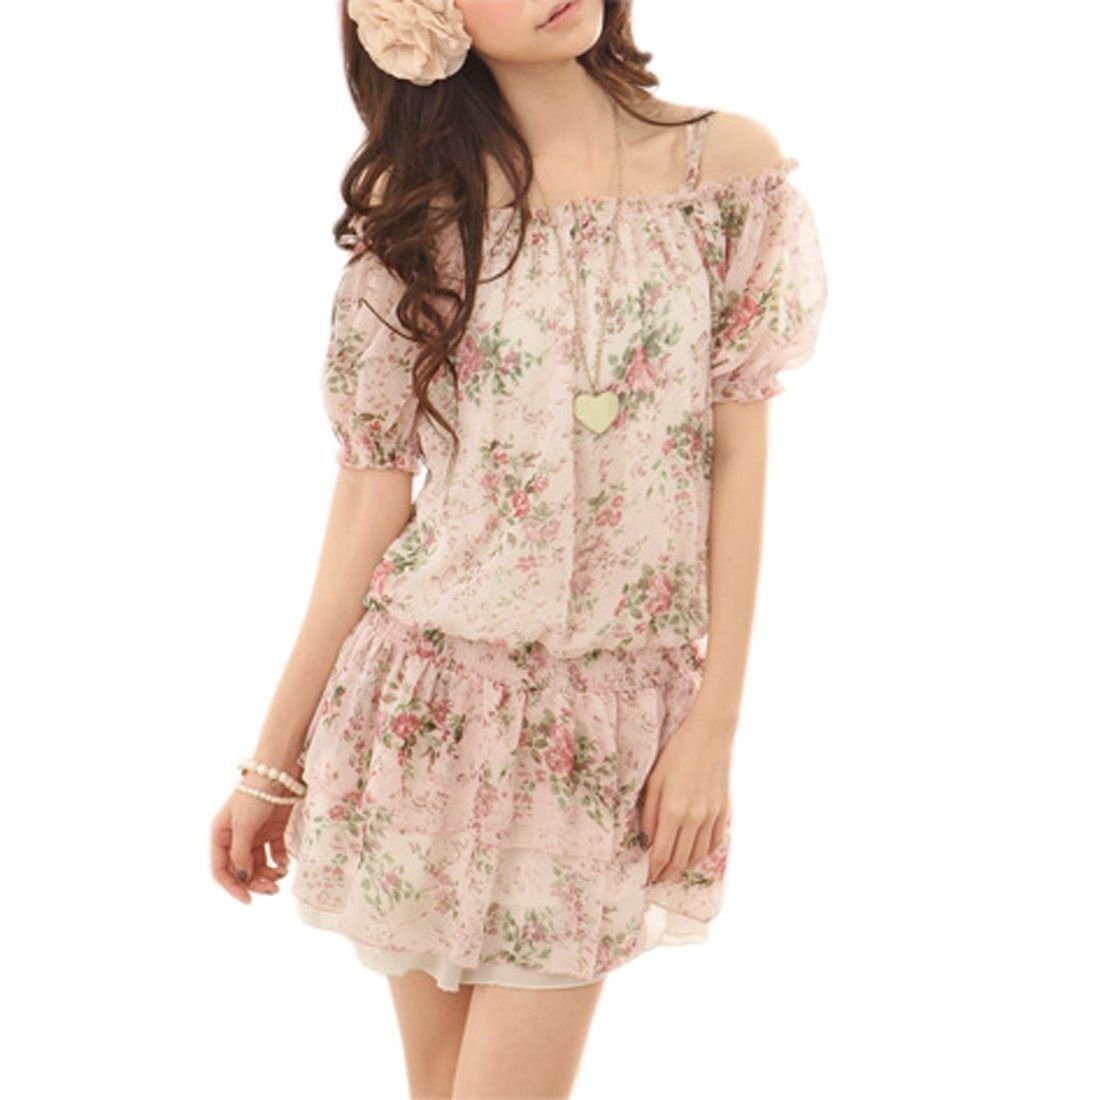 Ropa Coreana Casual Juvenil Femenina Vestidos De Moda Juveniles Ropa Moda Para Ninas